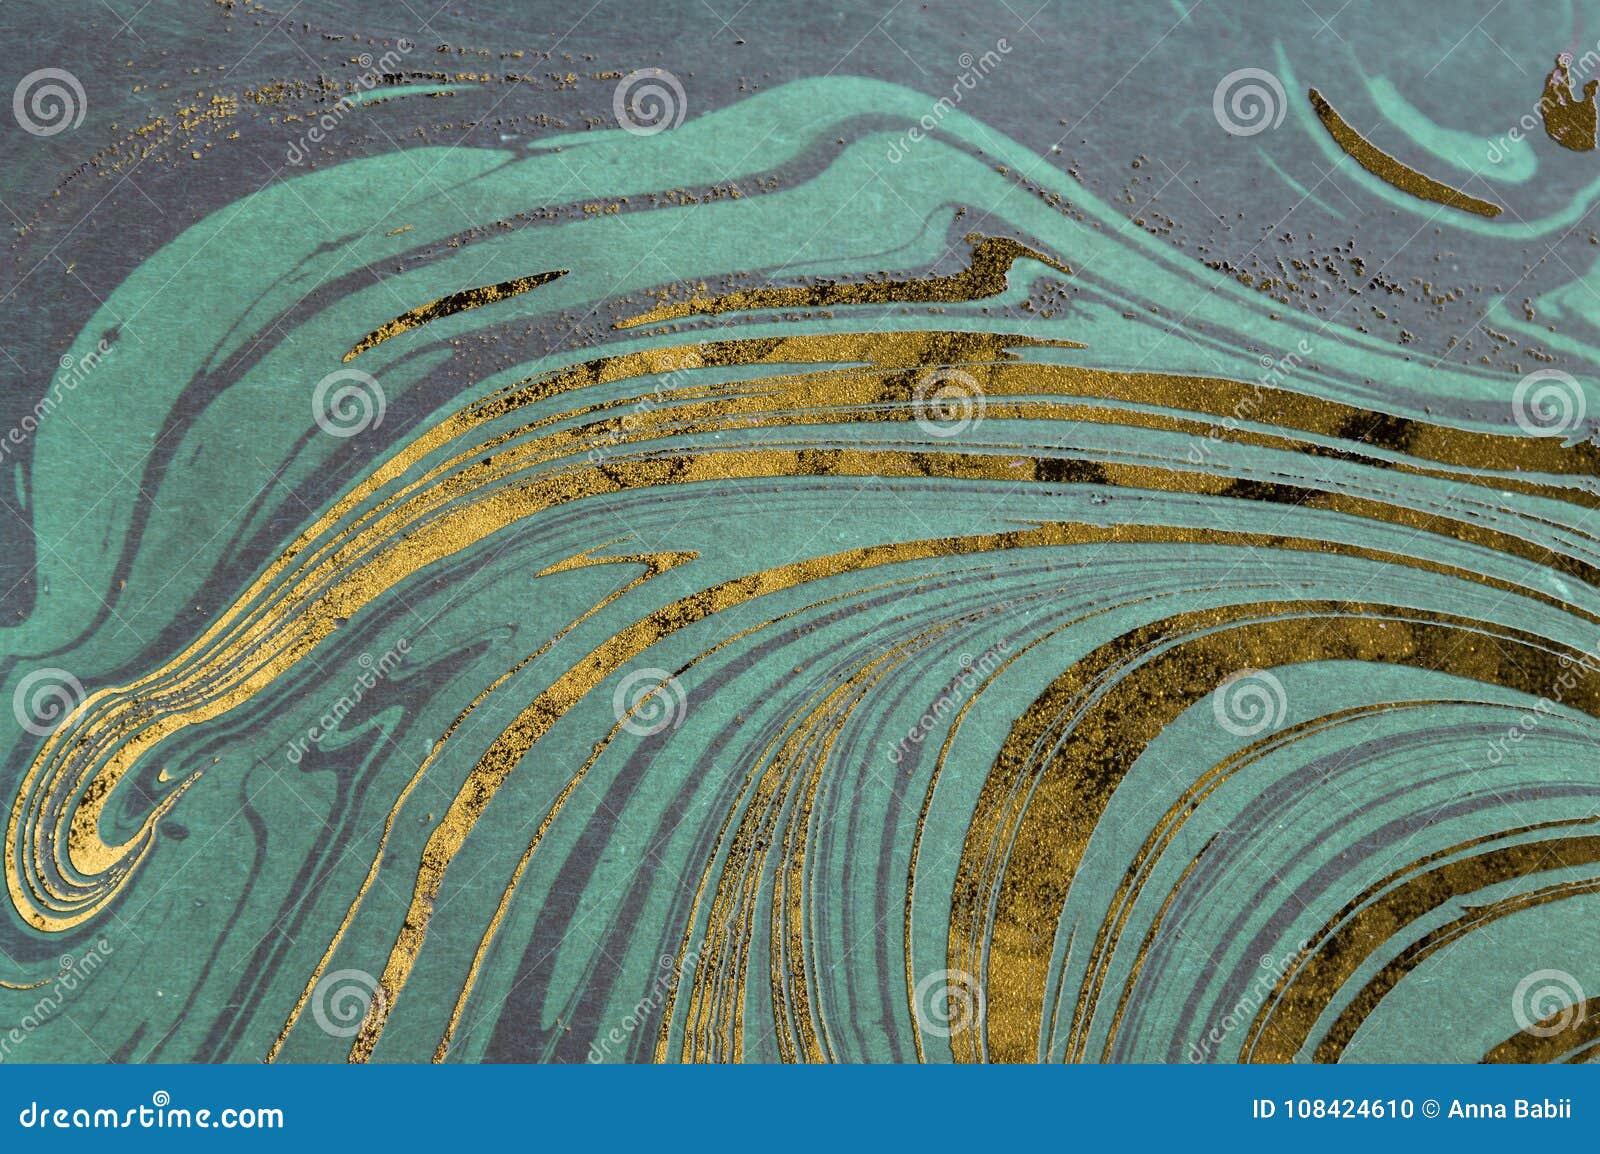 Текстура чернил мраморная Предпосылка волны Ebru handmade Поверхность бумаги Kraft Уникально иллюстрация искусства Текстура жидко